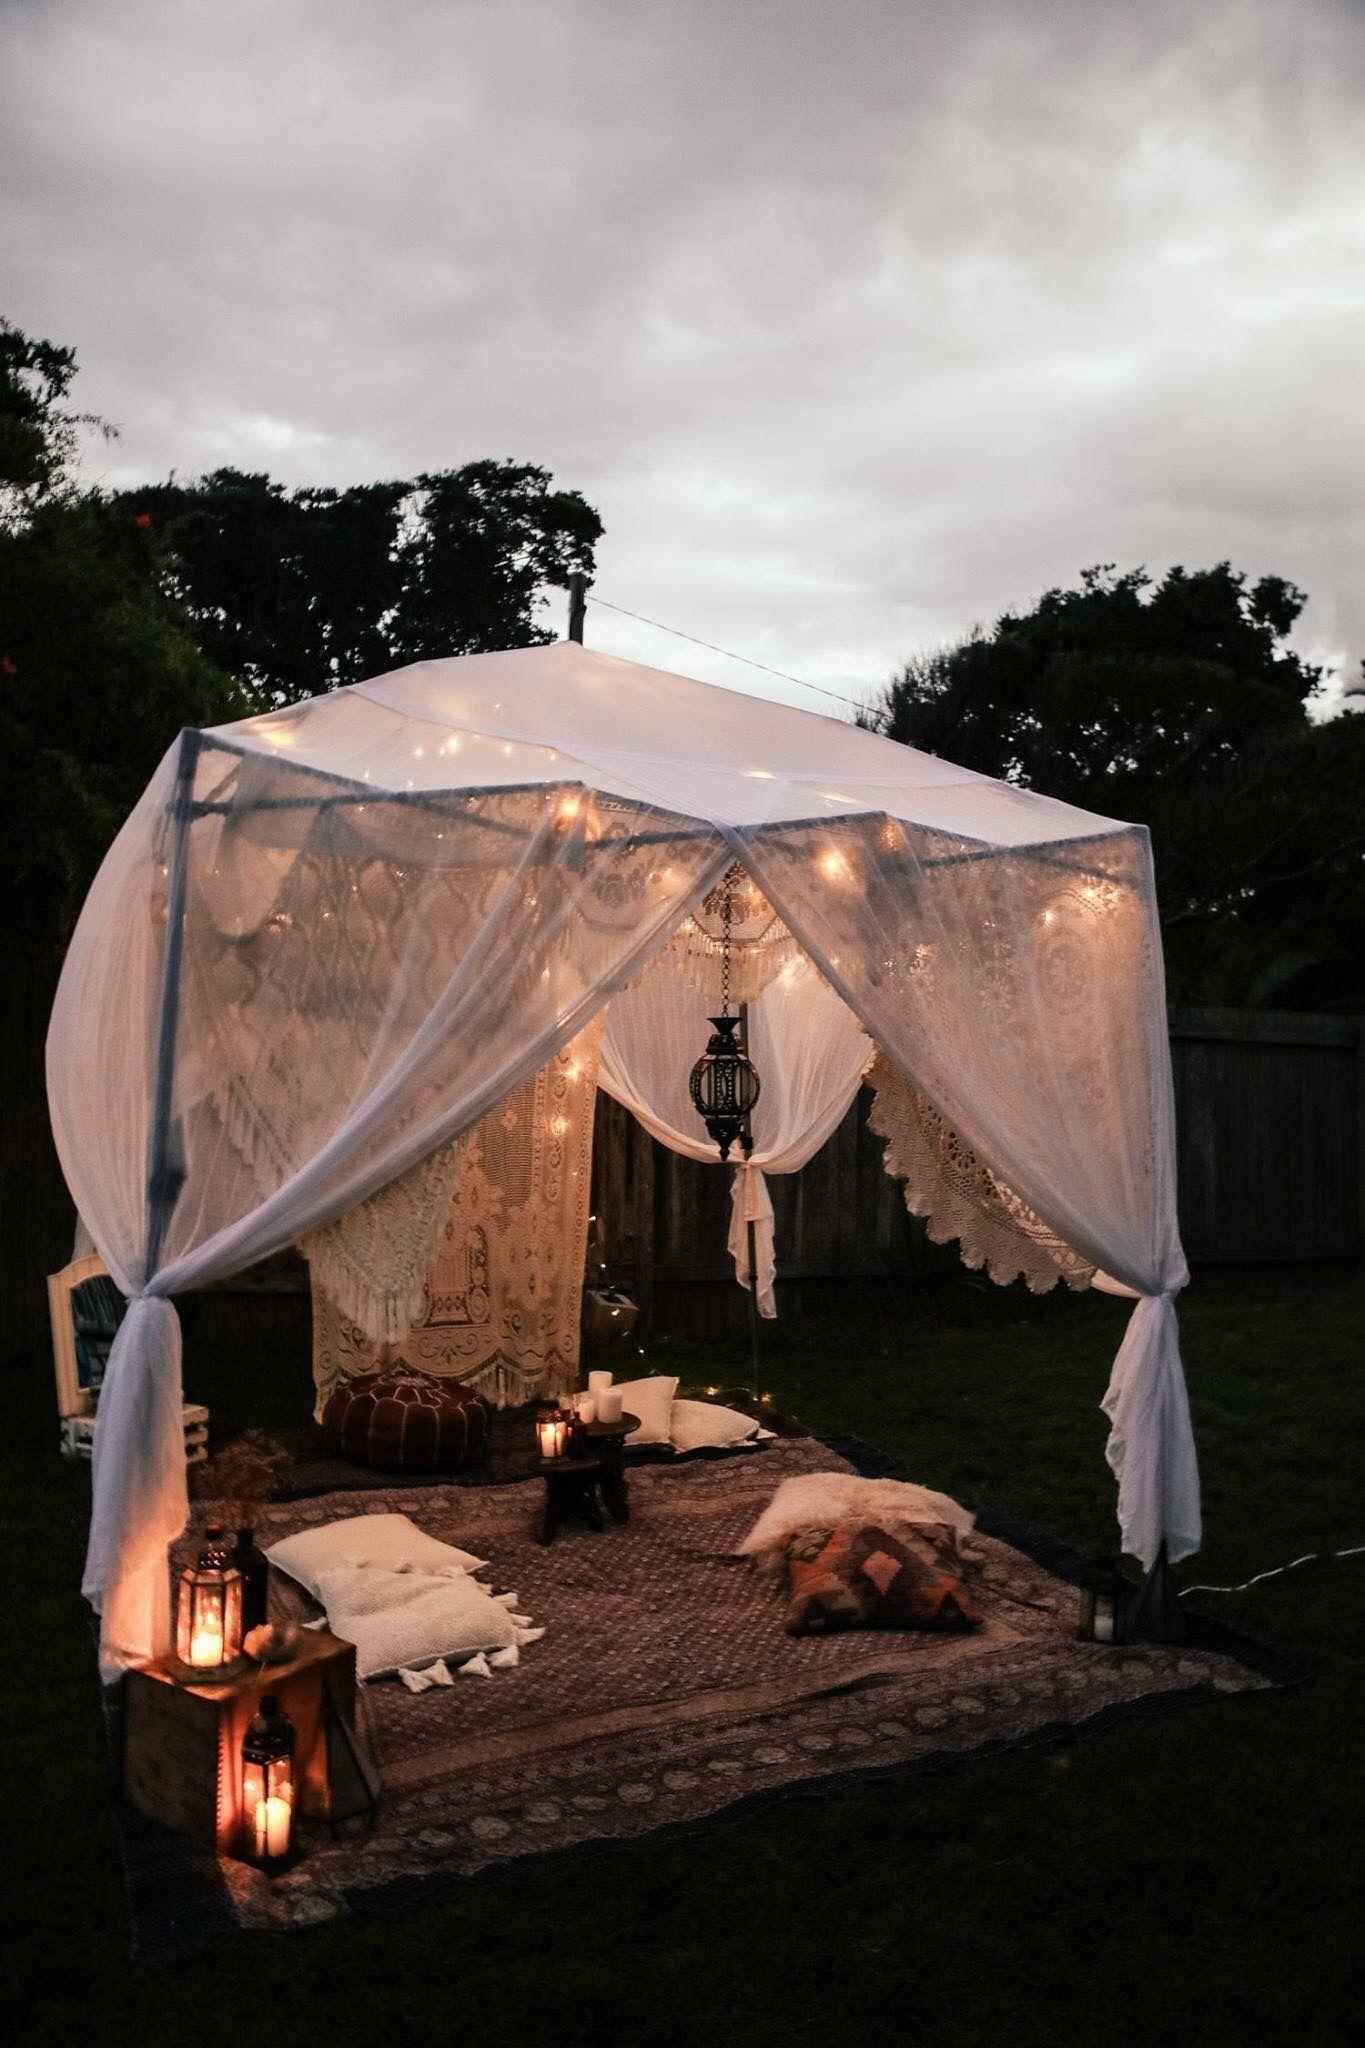 Pin By Penny Tindall On Wedding Vision 08 31 19 Backyard Camping Bohemian Living Room Diy Camping